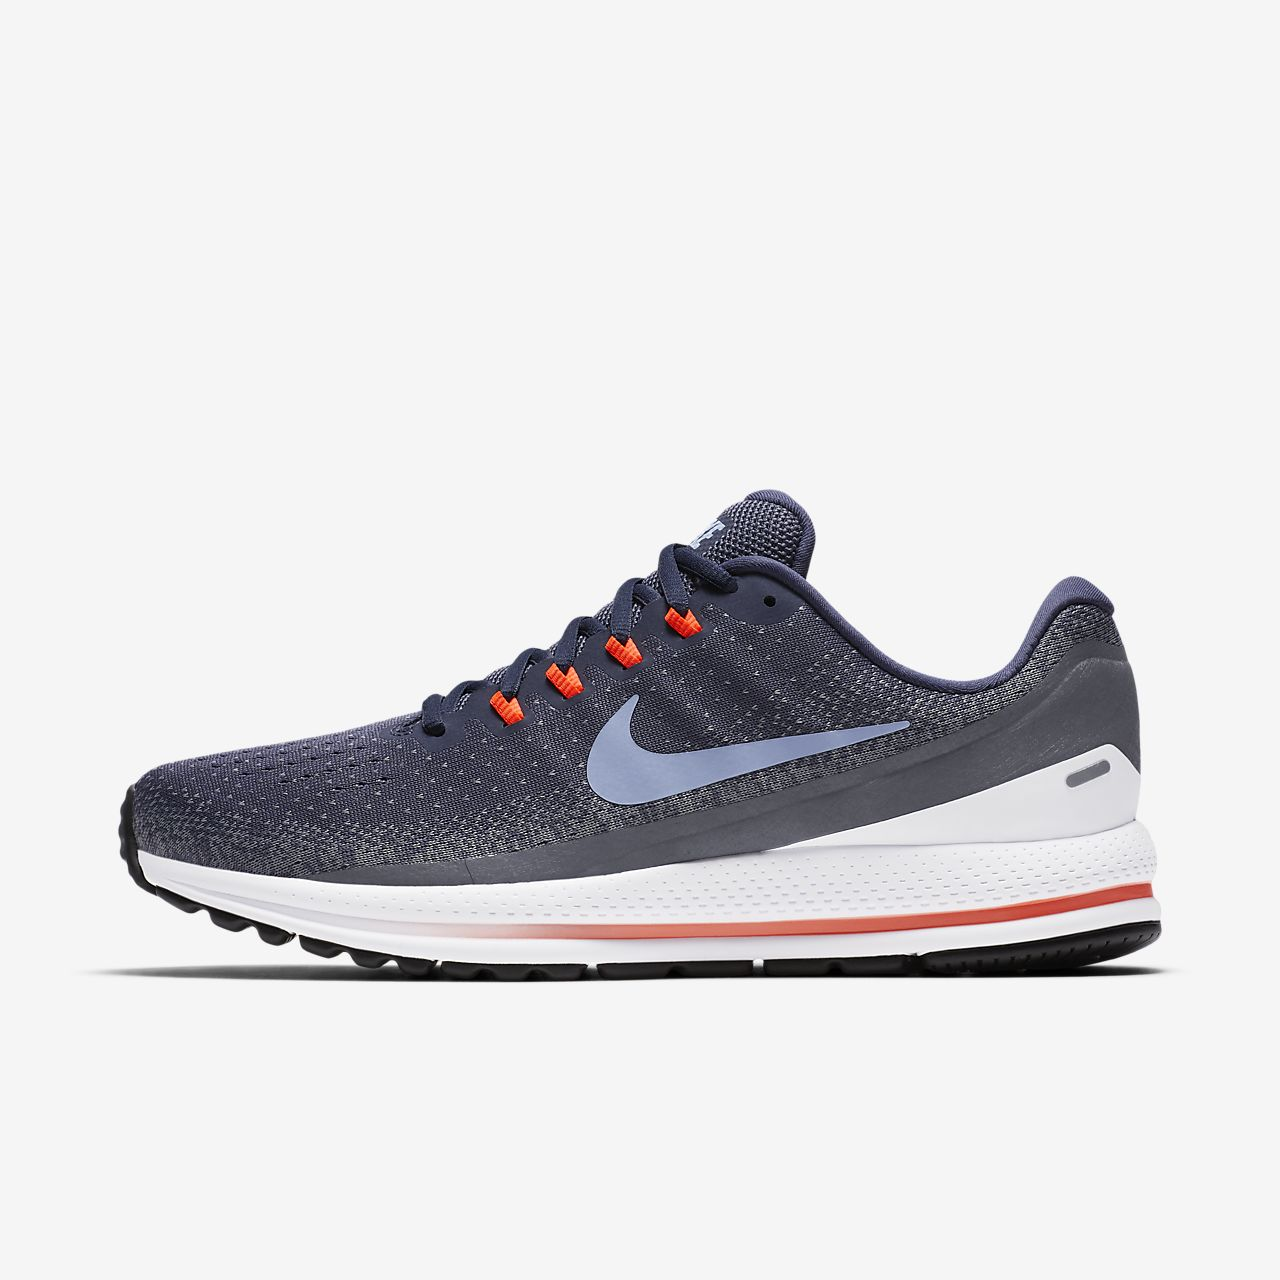 Nike Chaussures De Course Uk 13 jeu 2014 nouveau prix de sortie vente Frais discount ZRDlpc